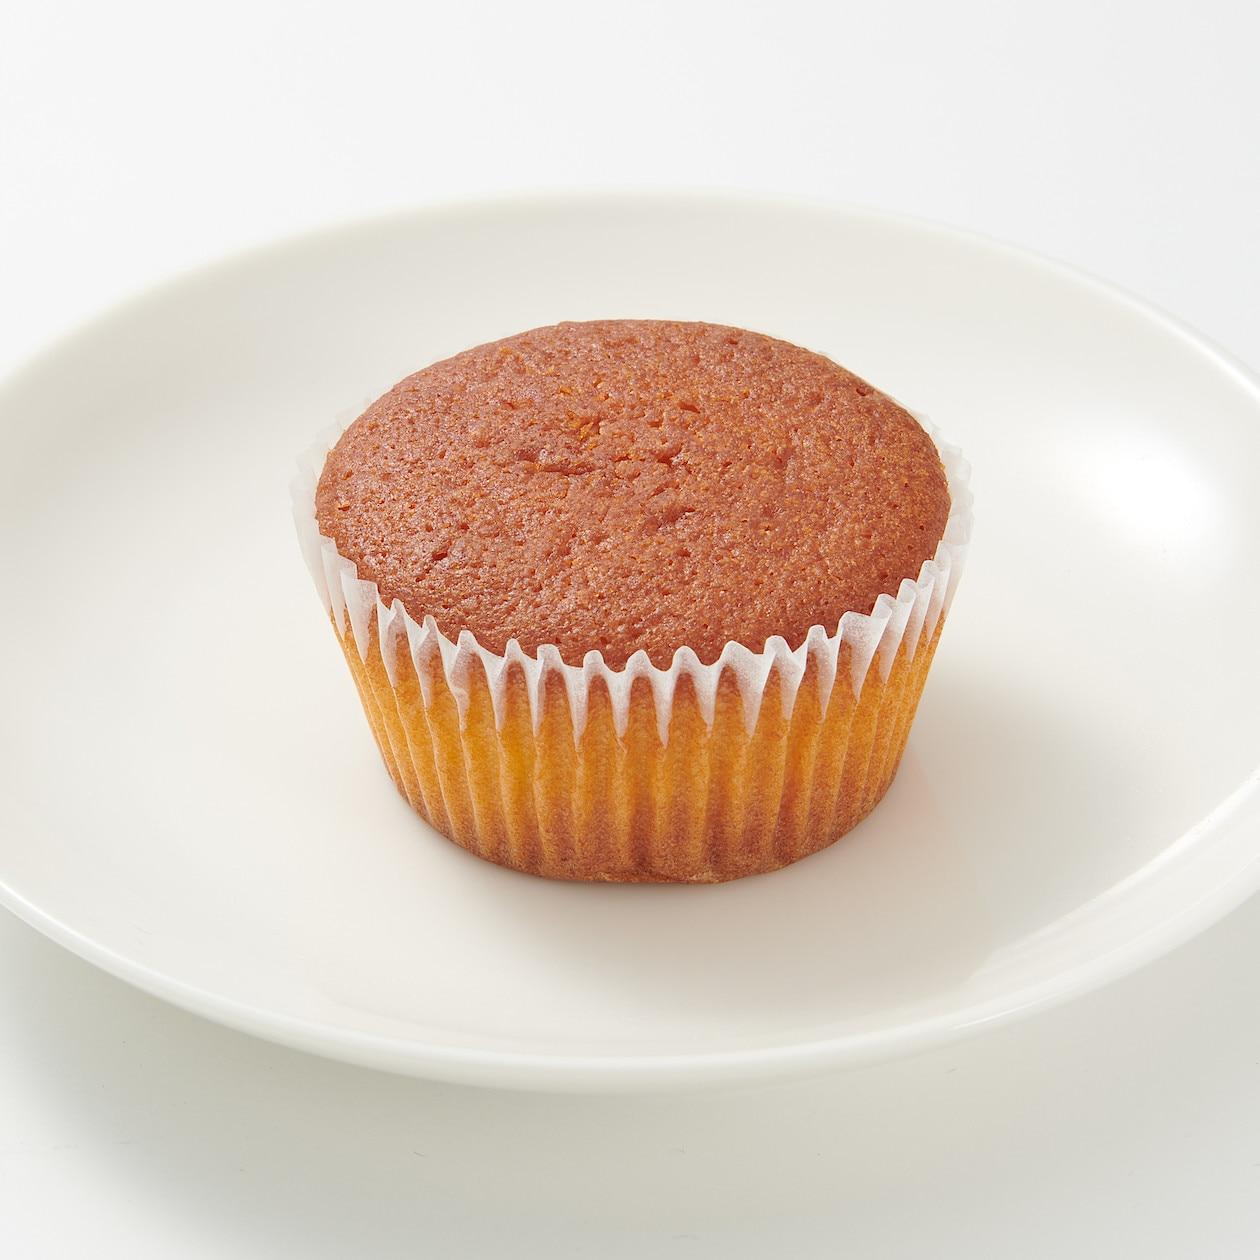 糖質10g以下のお菓子 ミルクマフィン